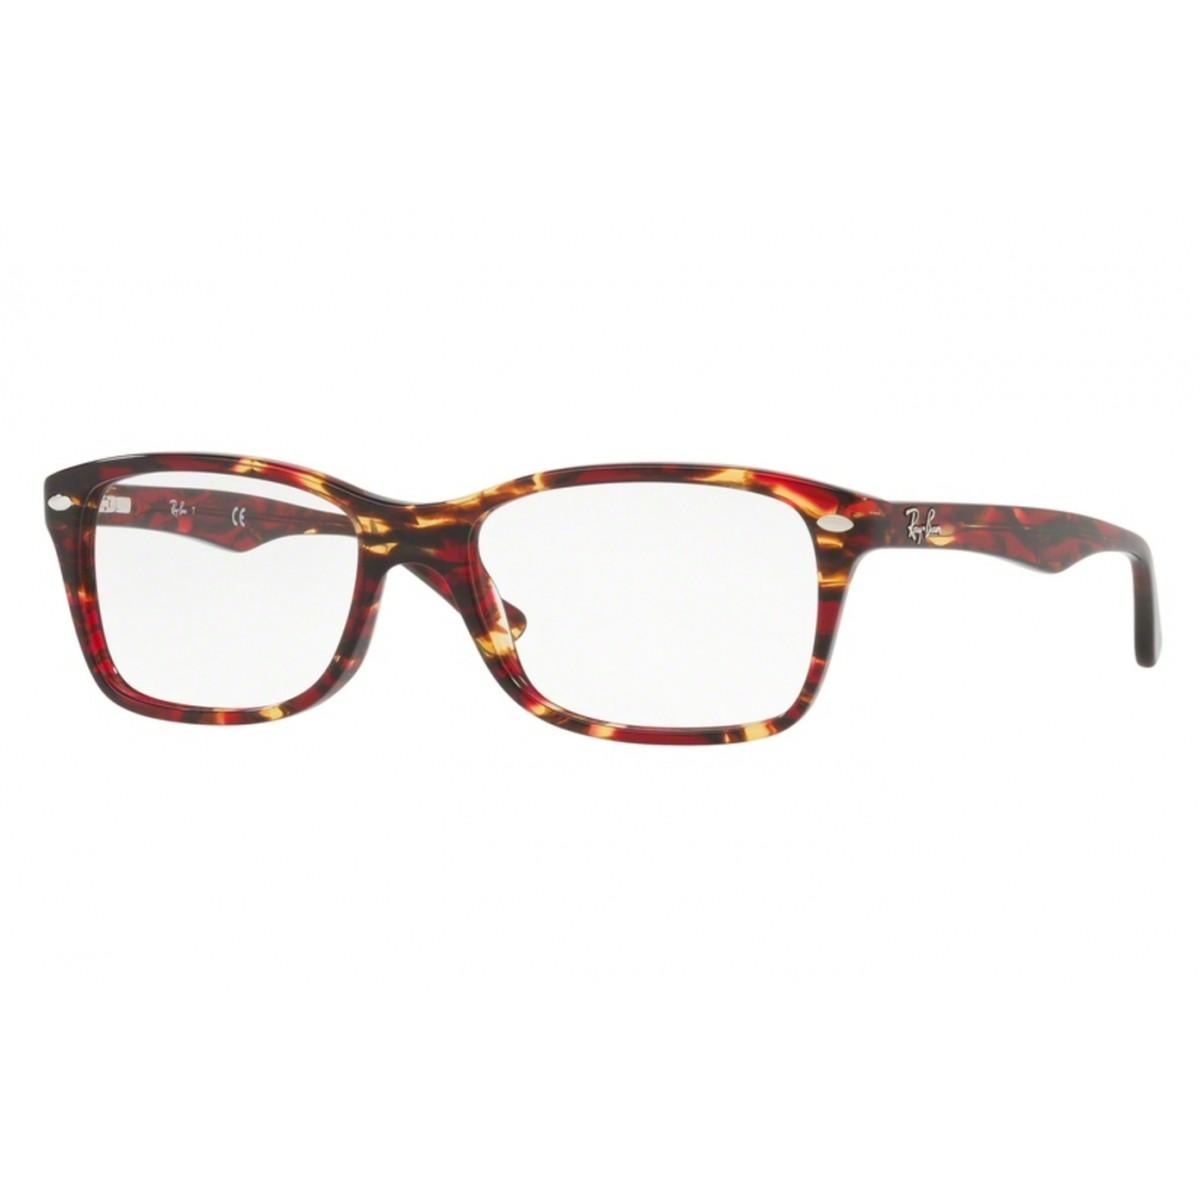 Óculos de Grau Ray Ban Wayfarer RB5228 5710 Tam.53